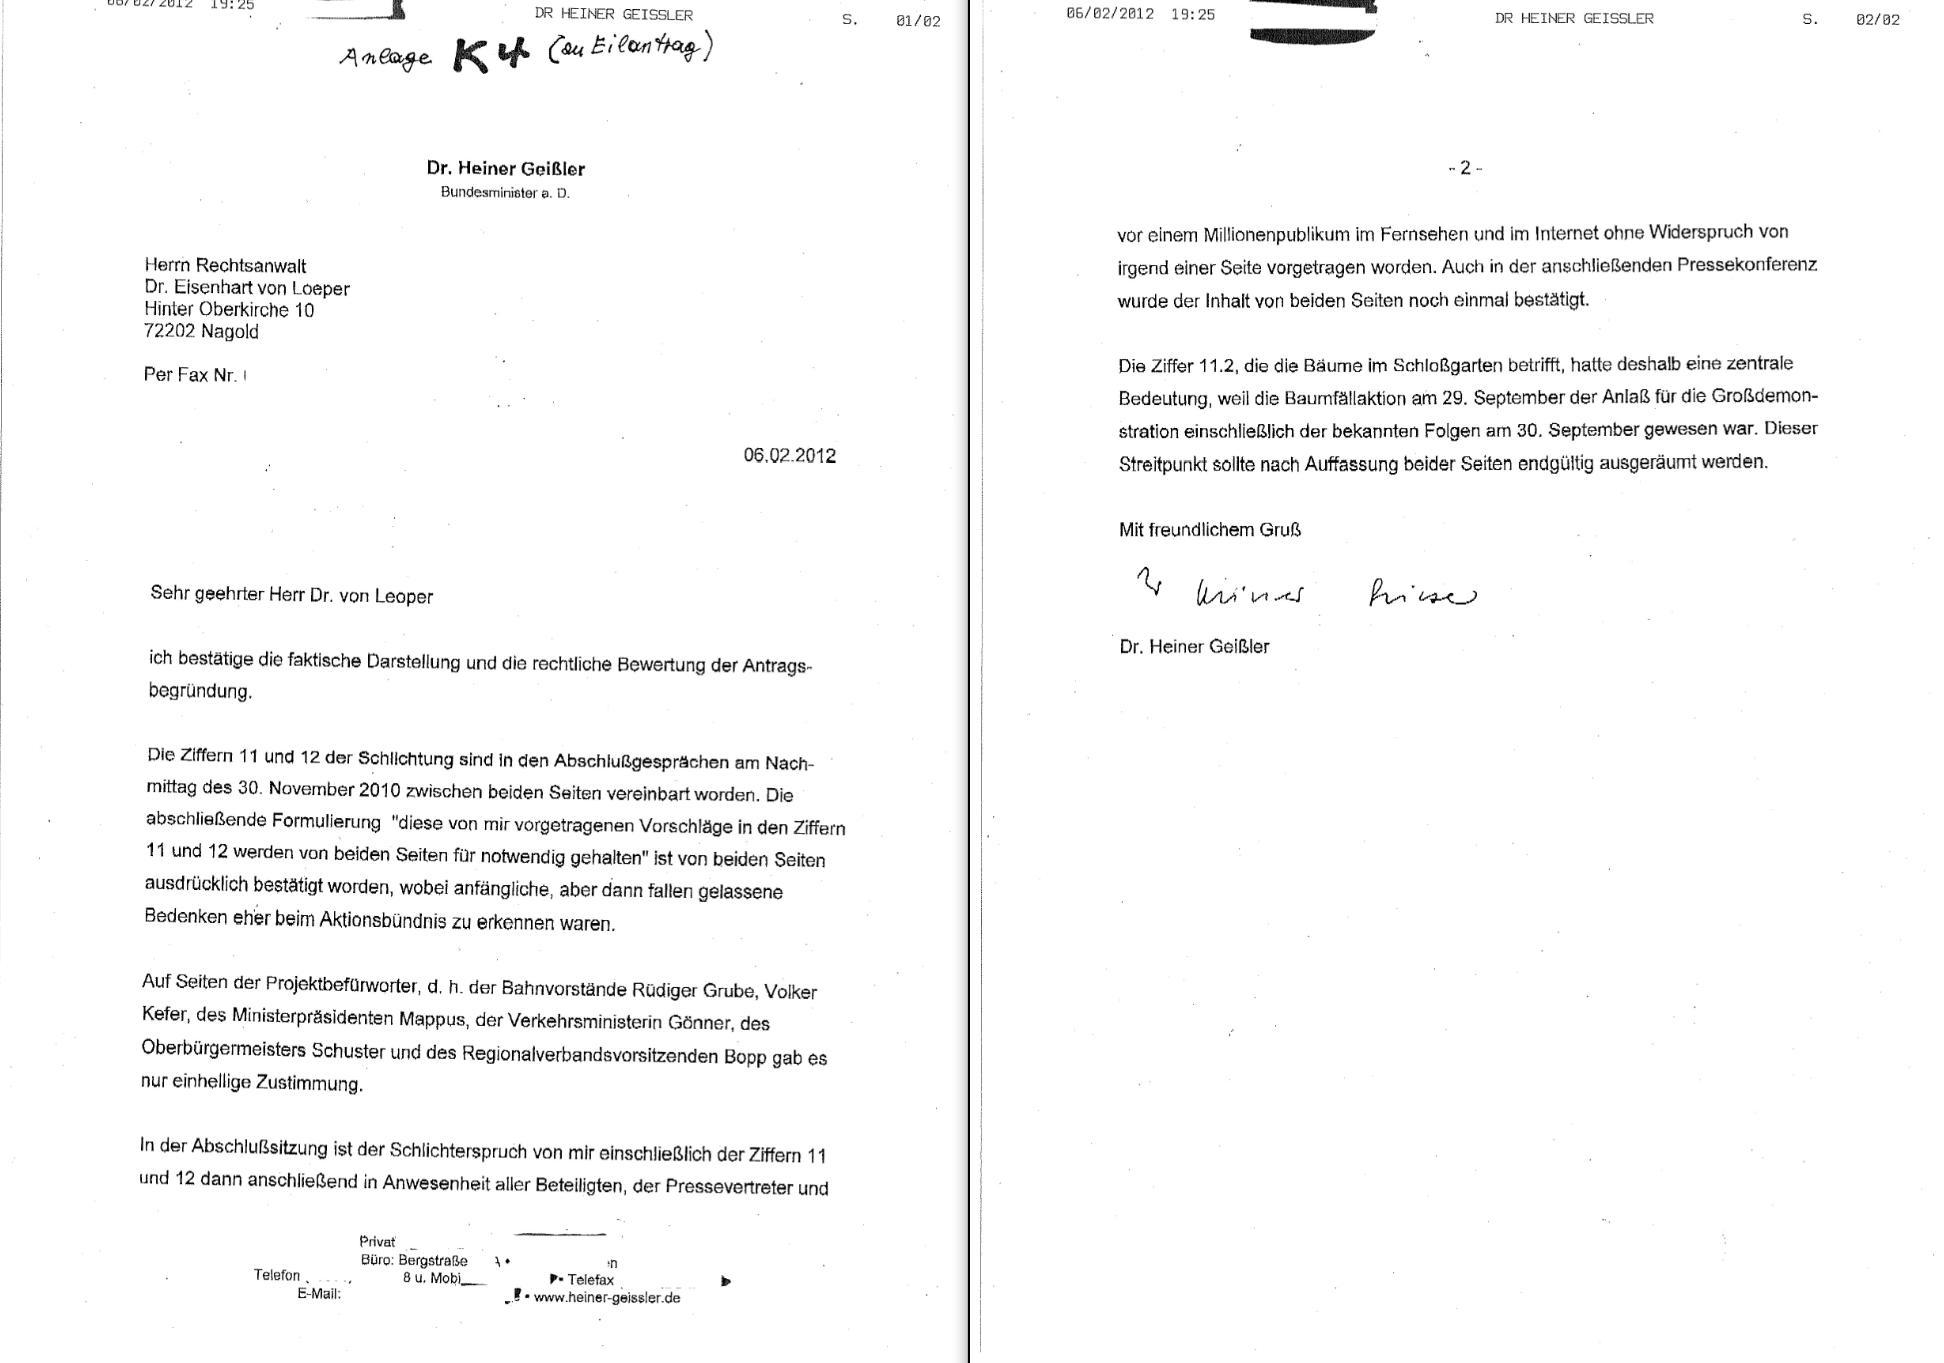 Heiner Geißler Unterstützt Eilantrag Gegen Landesregierung Bei